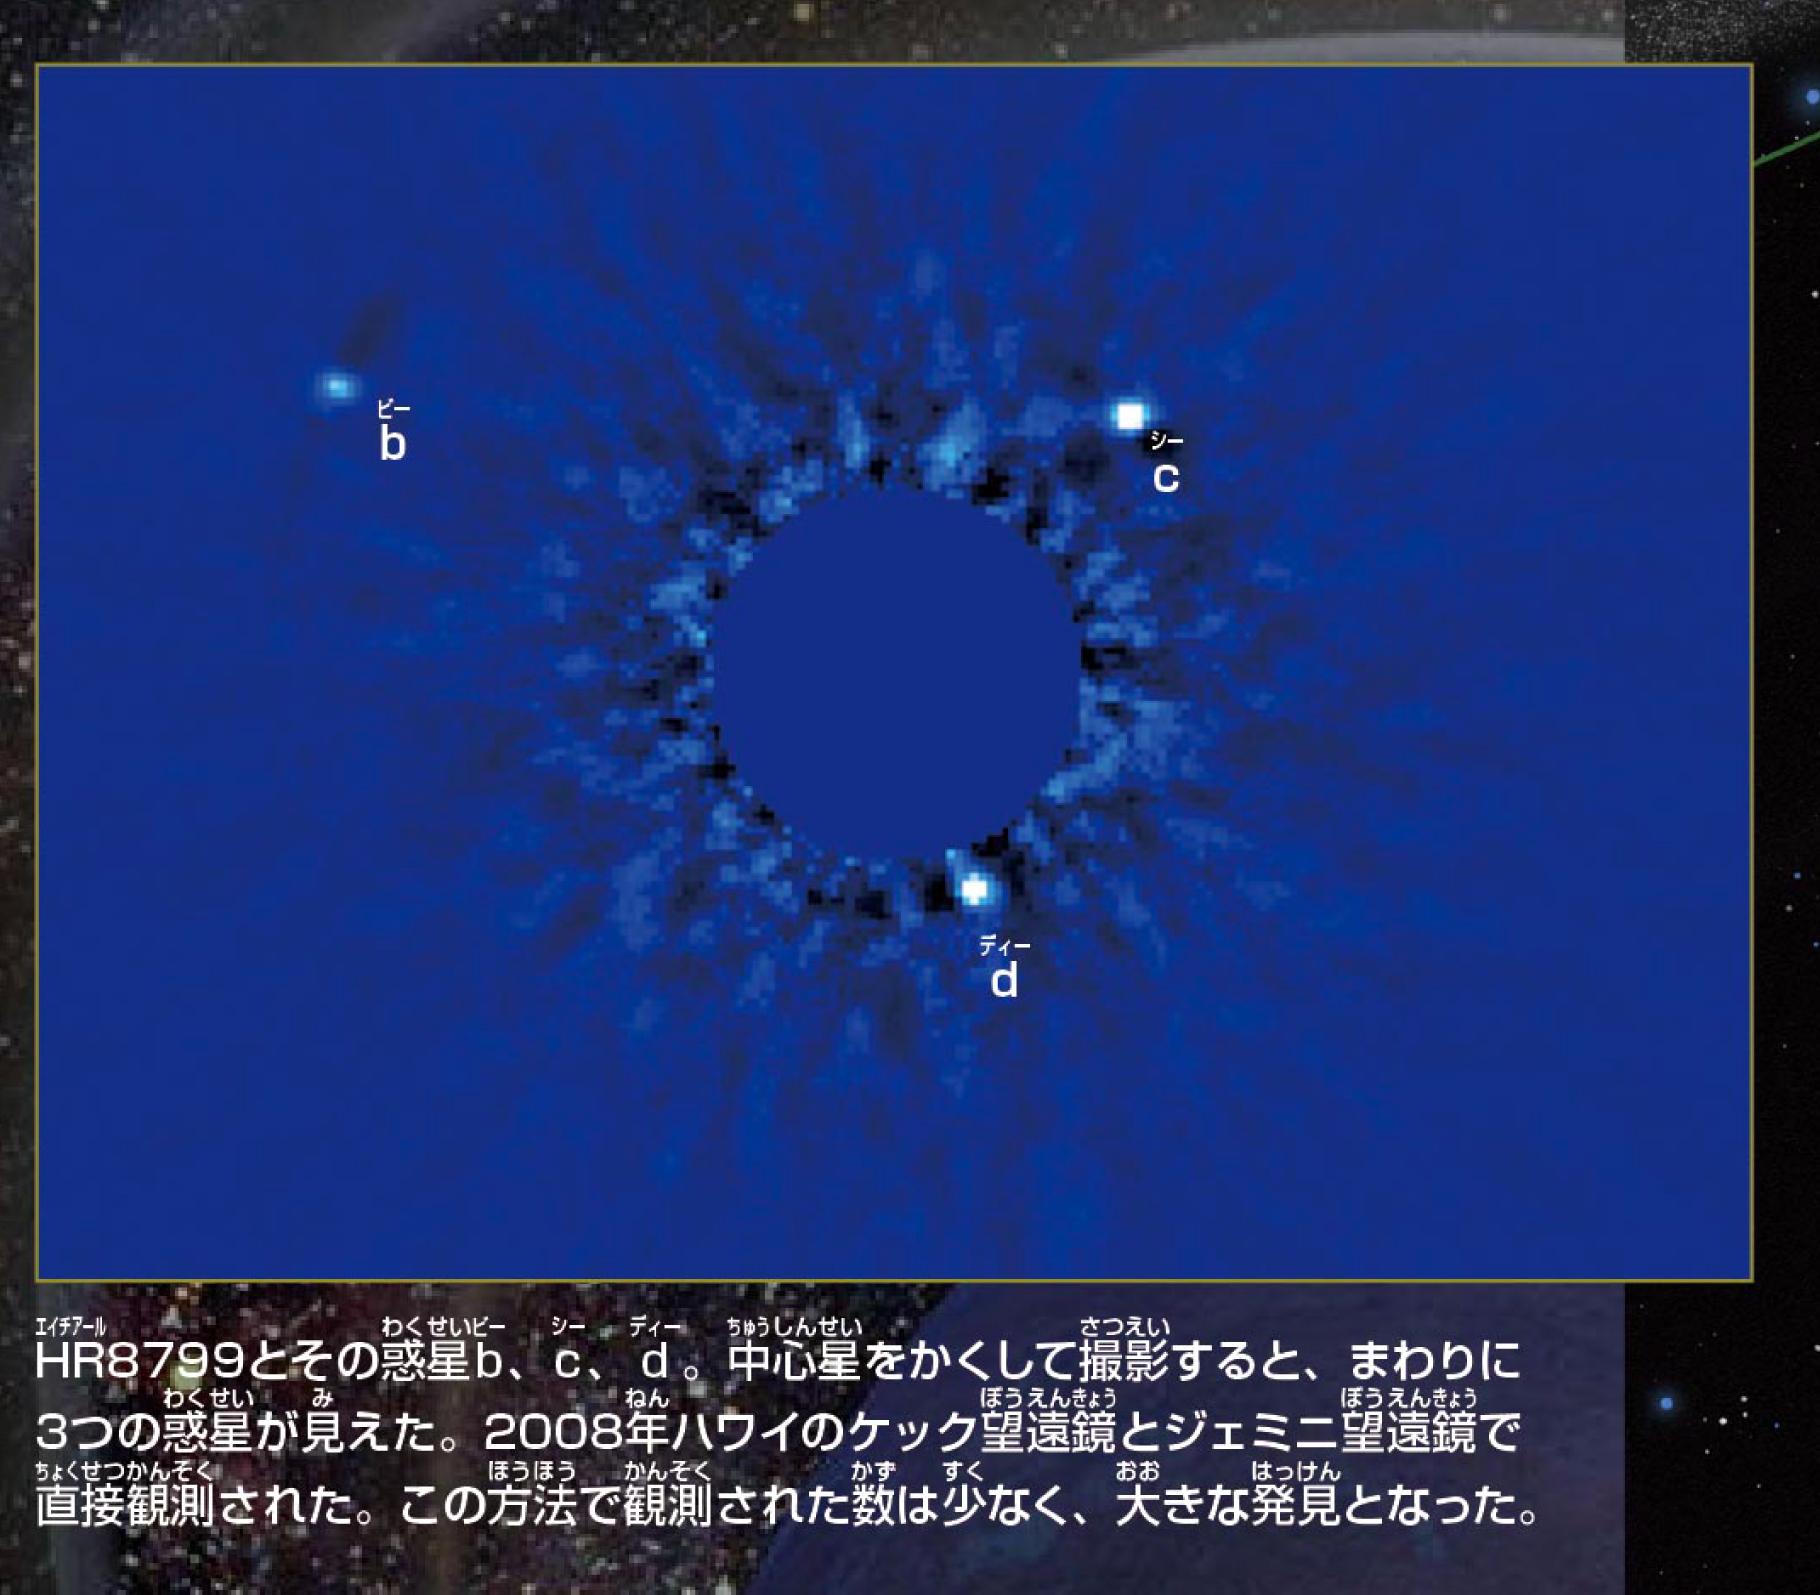 本の中の写真。じっさいに撮影された系外惑星の写真。